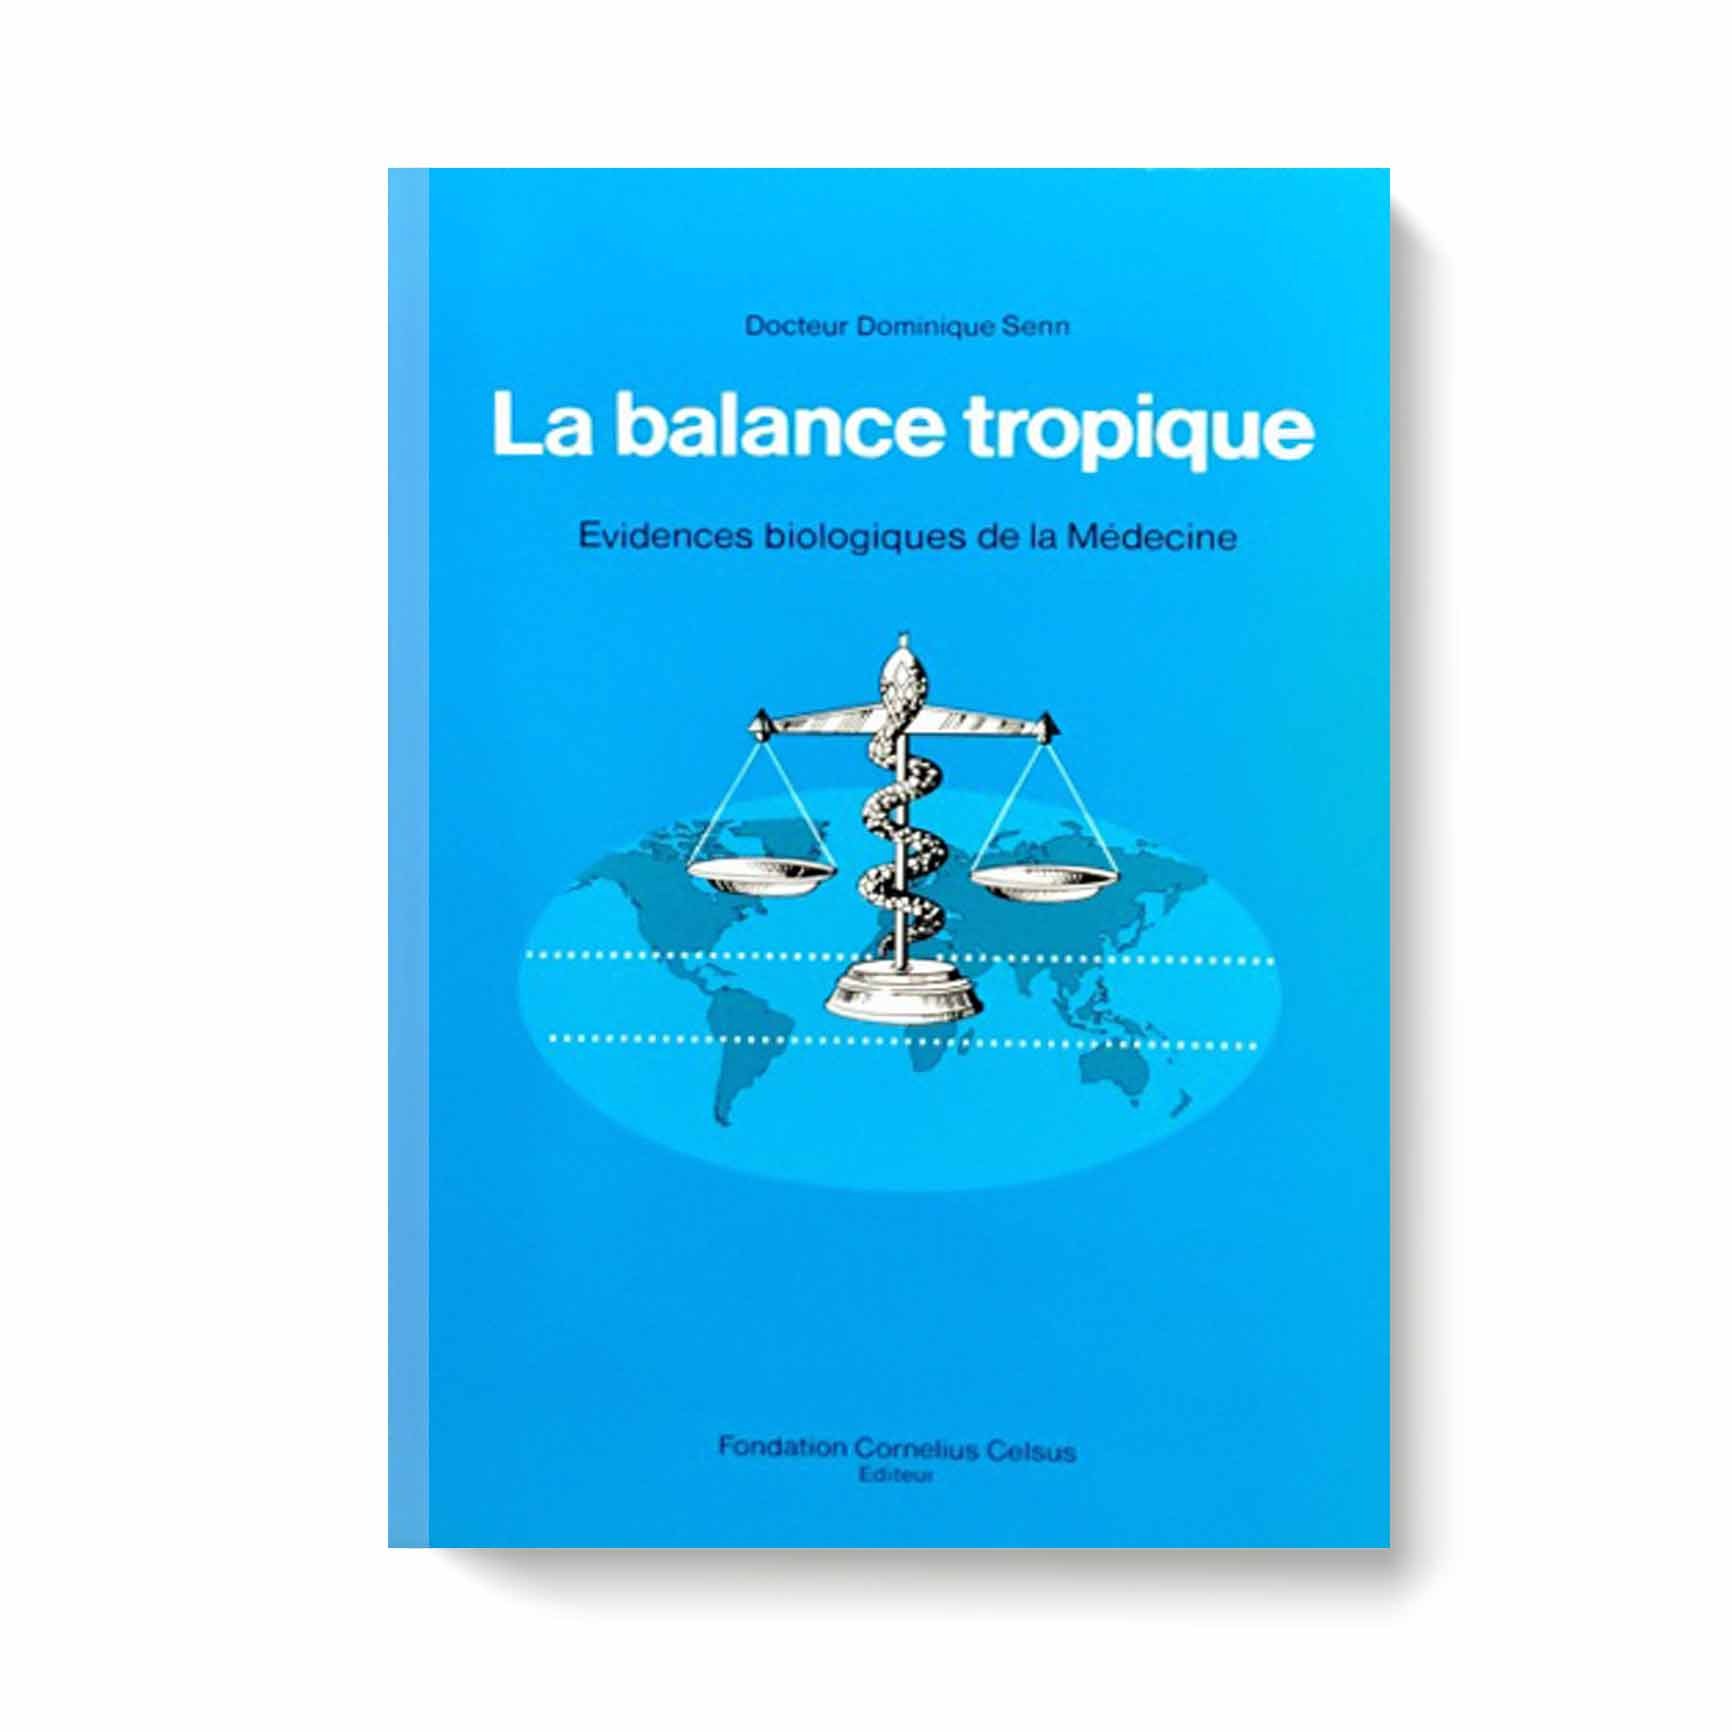 La balance tropique. Evidences biologiques de la médecine